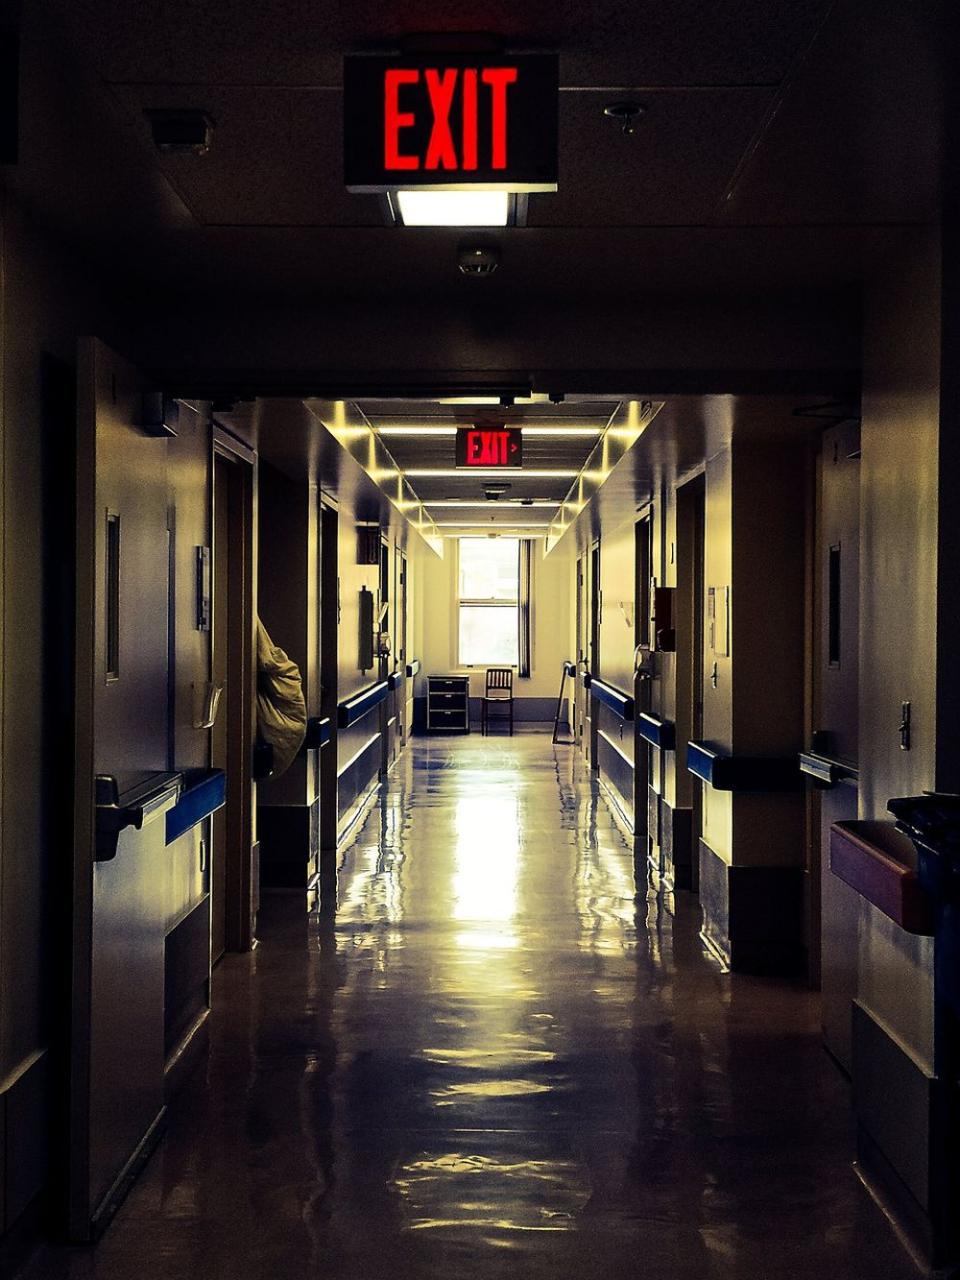 Pacienții cu afecțiuni cronice, puși în pericol de decizia autorităților de a închide spitalele. Foto: Pixabay